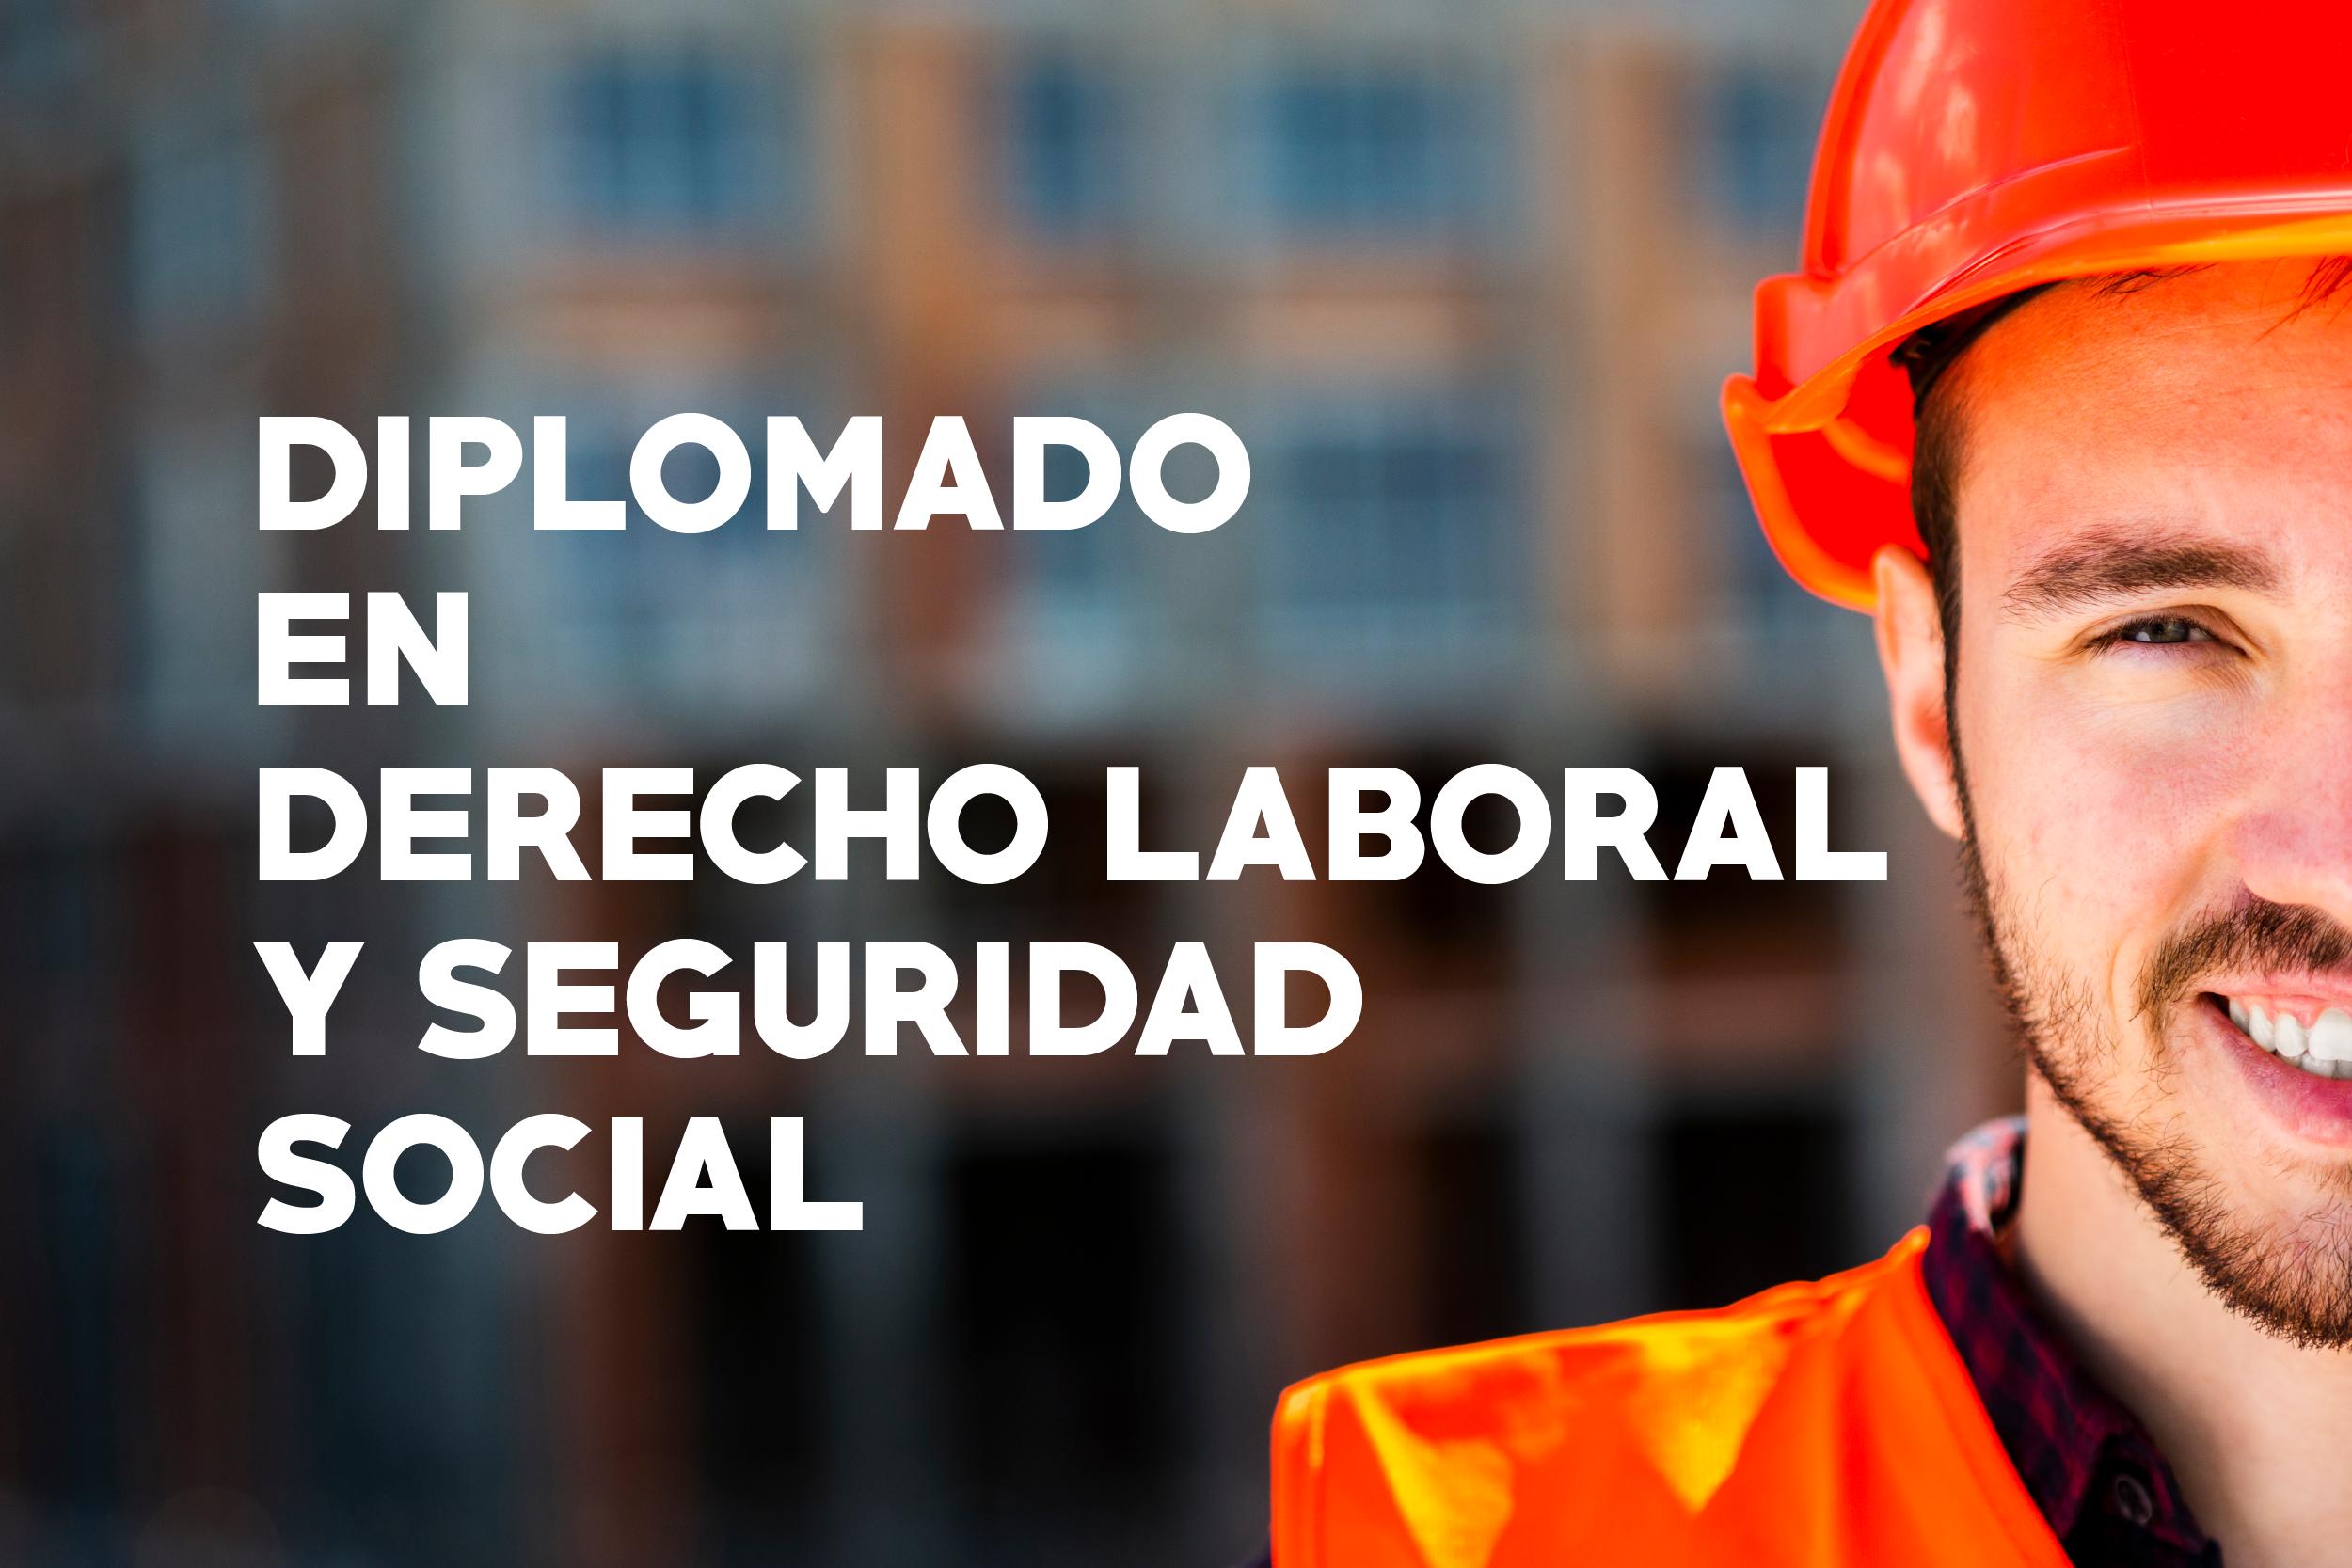 DIPLOMADO EN DERECHO LABORAL Y SEGURIDAD SOCIAL